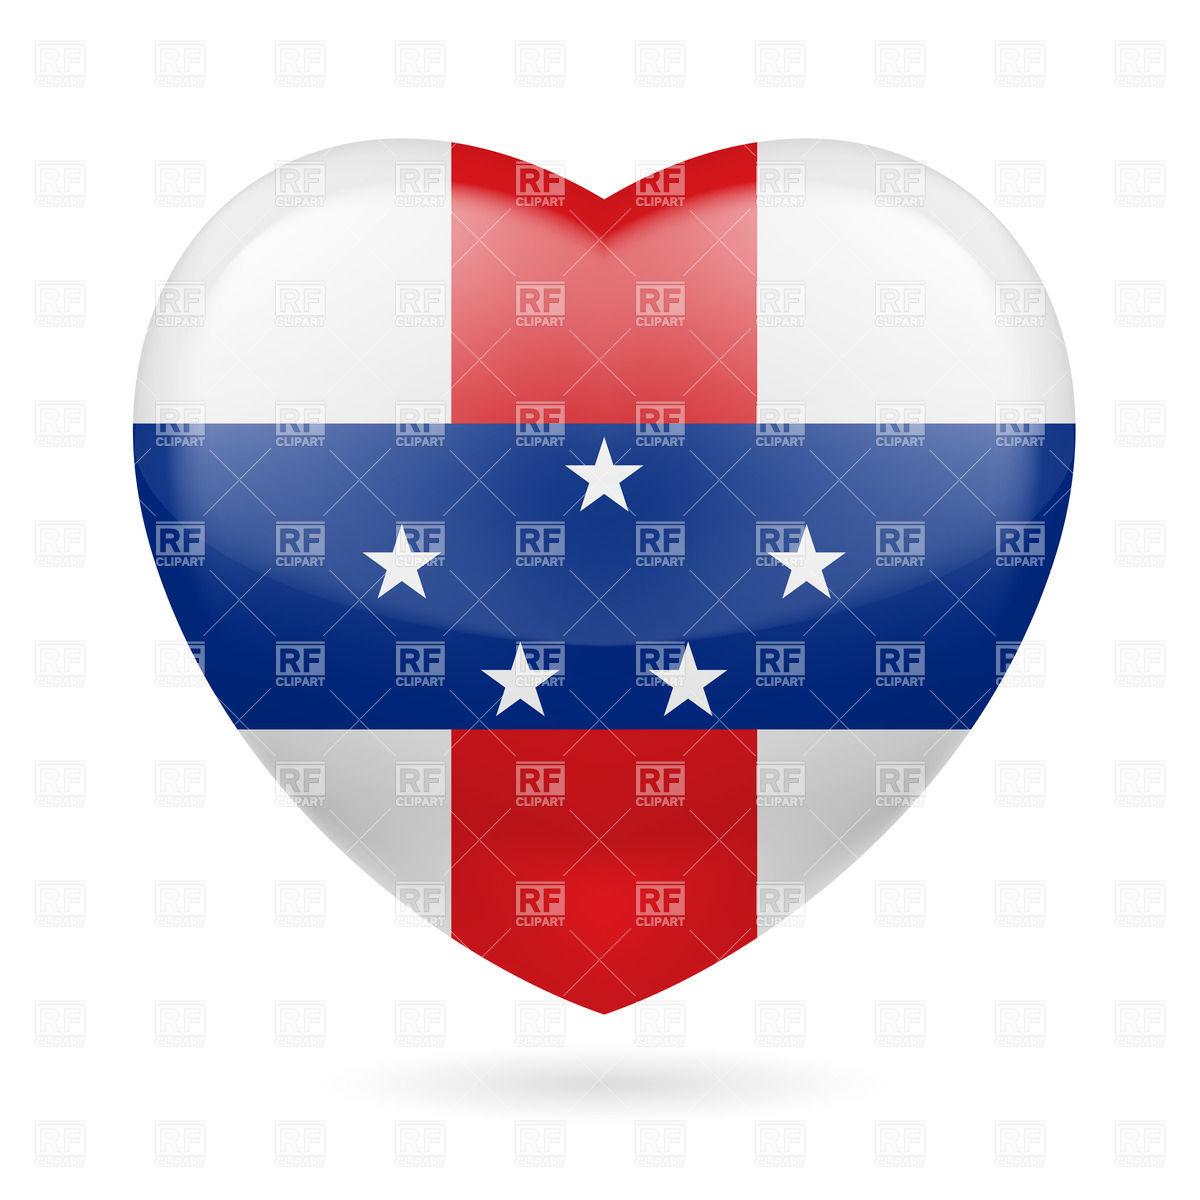 I love Netherlands Antilles. Heart with flag design Vector Image.